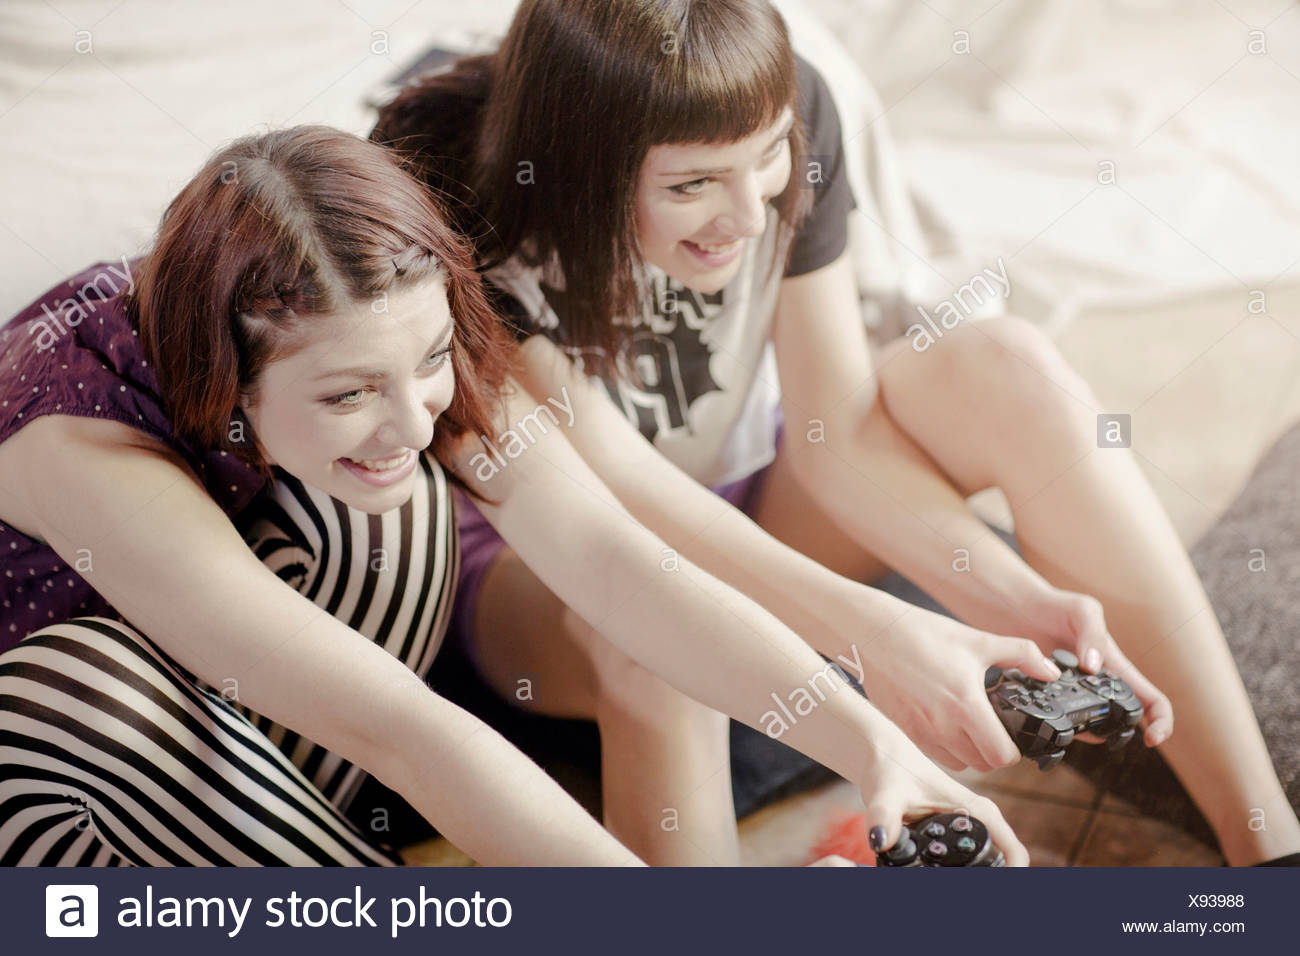 Deux jeunes femmes jouant des jeux vidéo Photo Stock